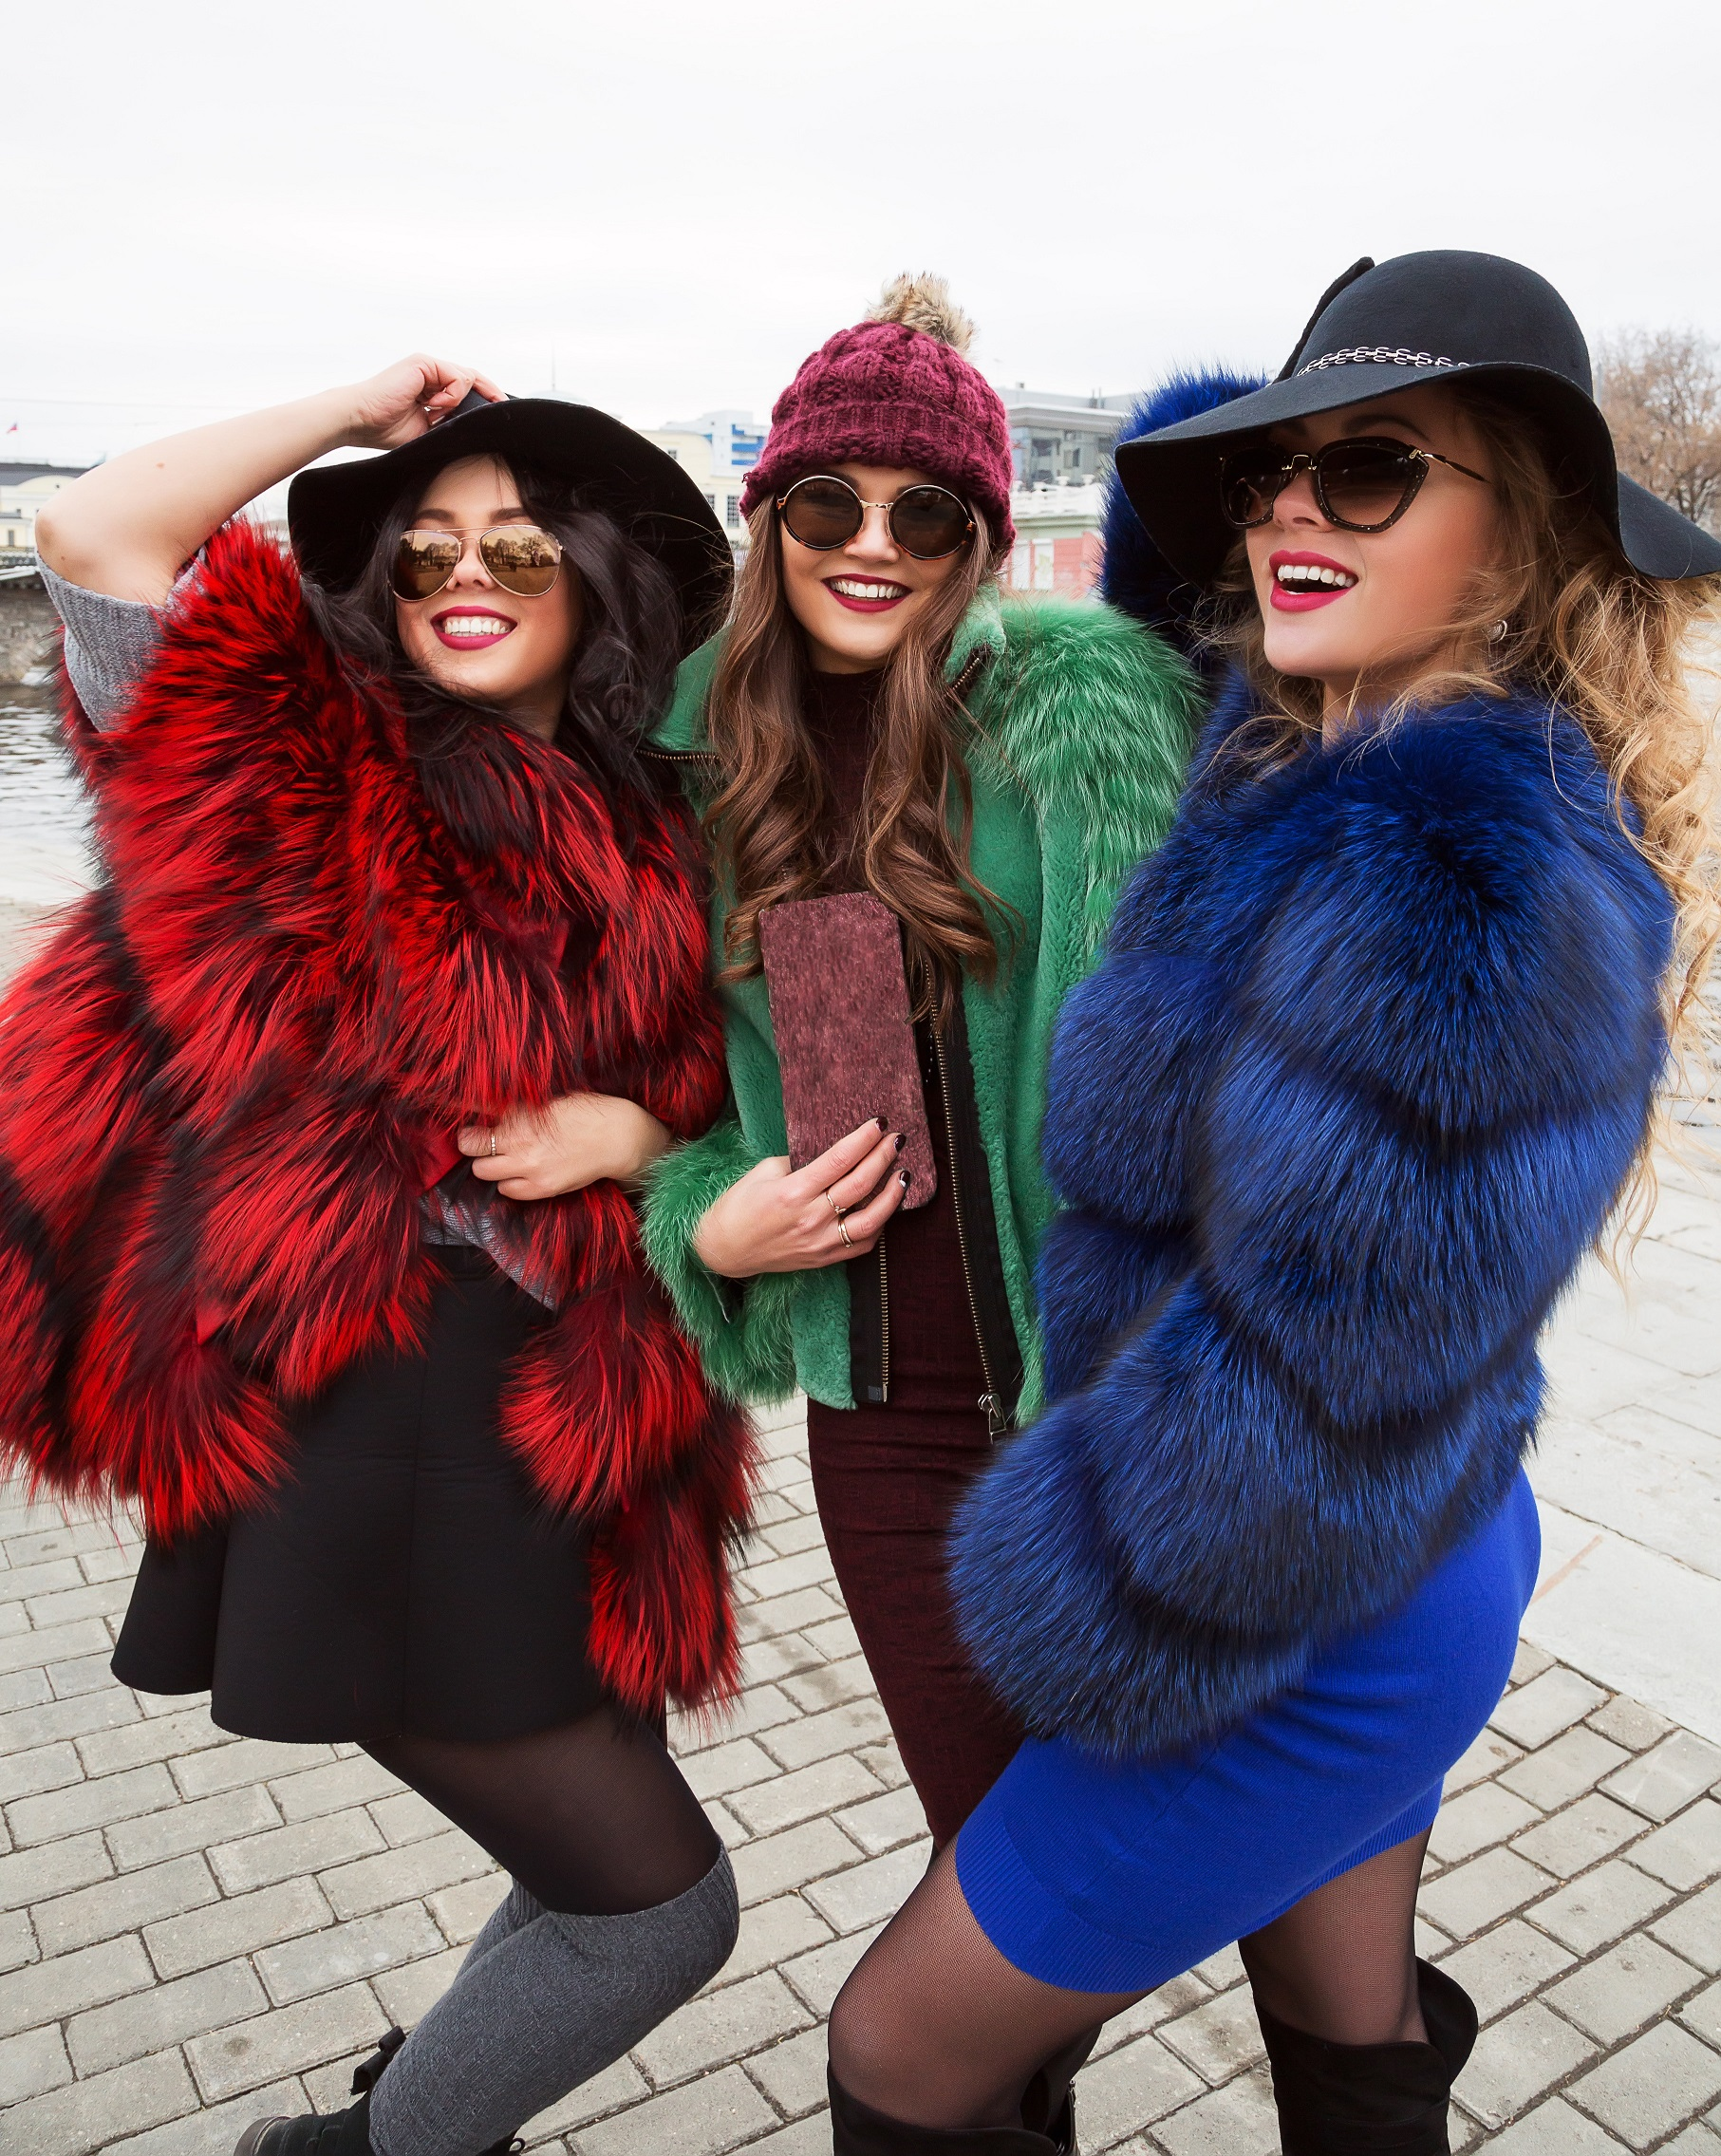 Invinge frigul cu outfituri cool! Haina de blana s-a reinventat